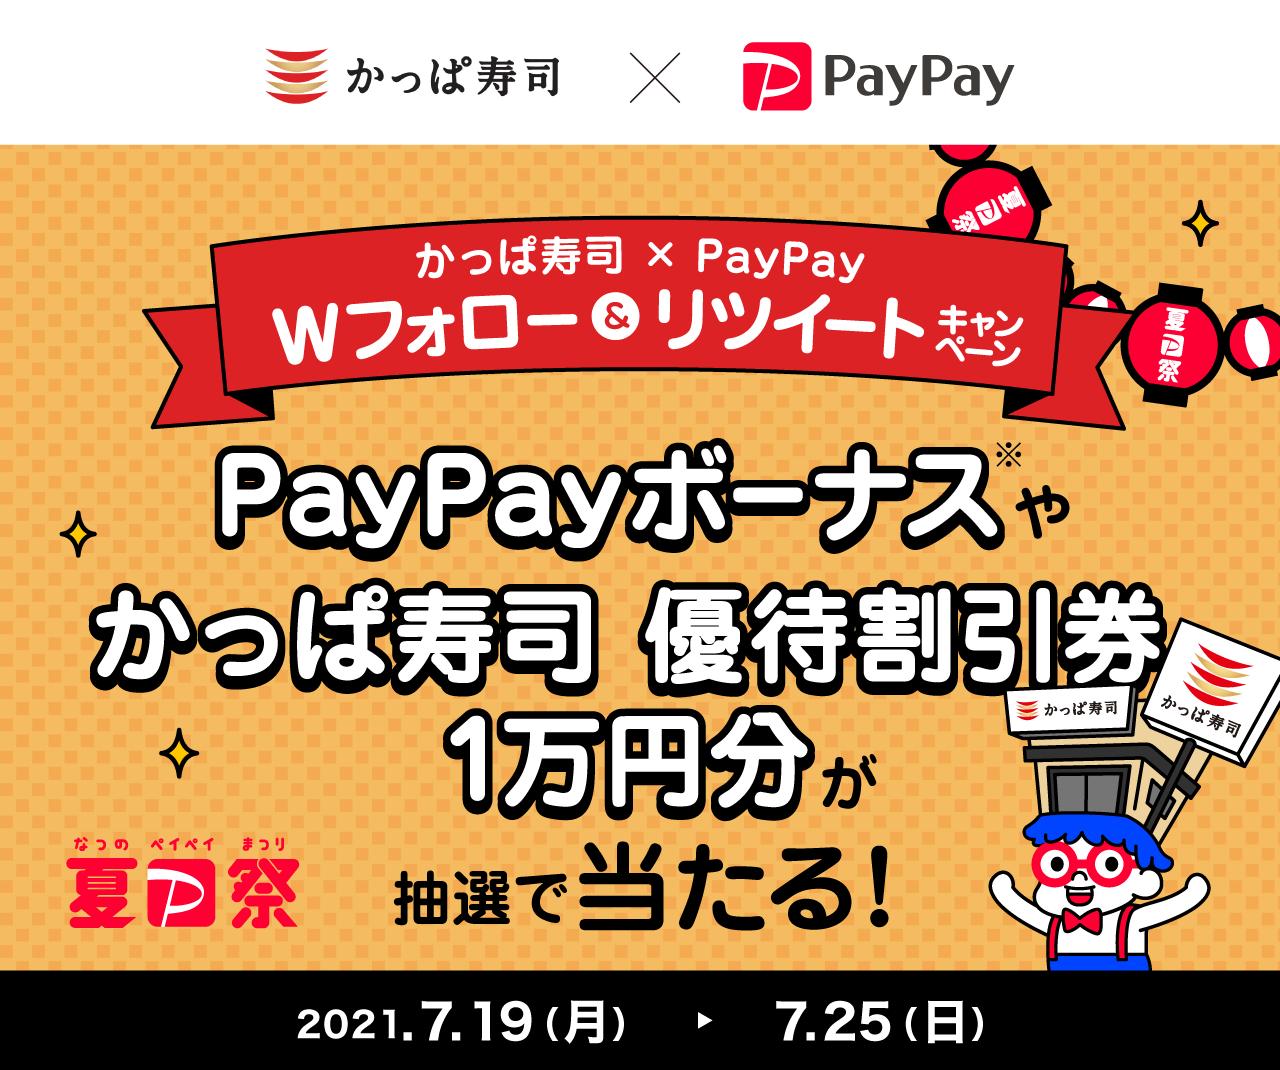 かっぱ寿司×PayPay Wフォロー&リツイートキャンペーン PayPayボーナスやかっぱ寿司優待割引券1万円分が抽選で当たる!